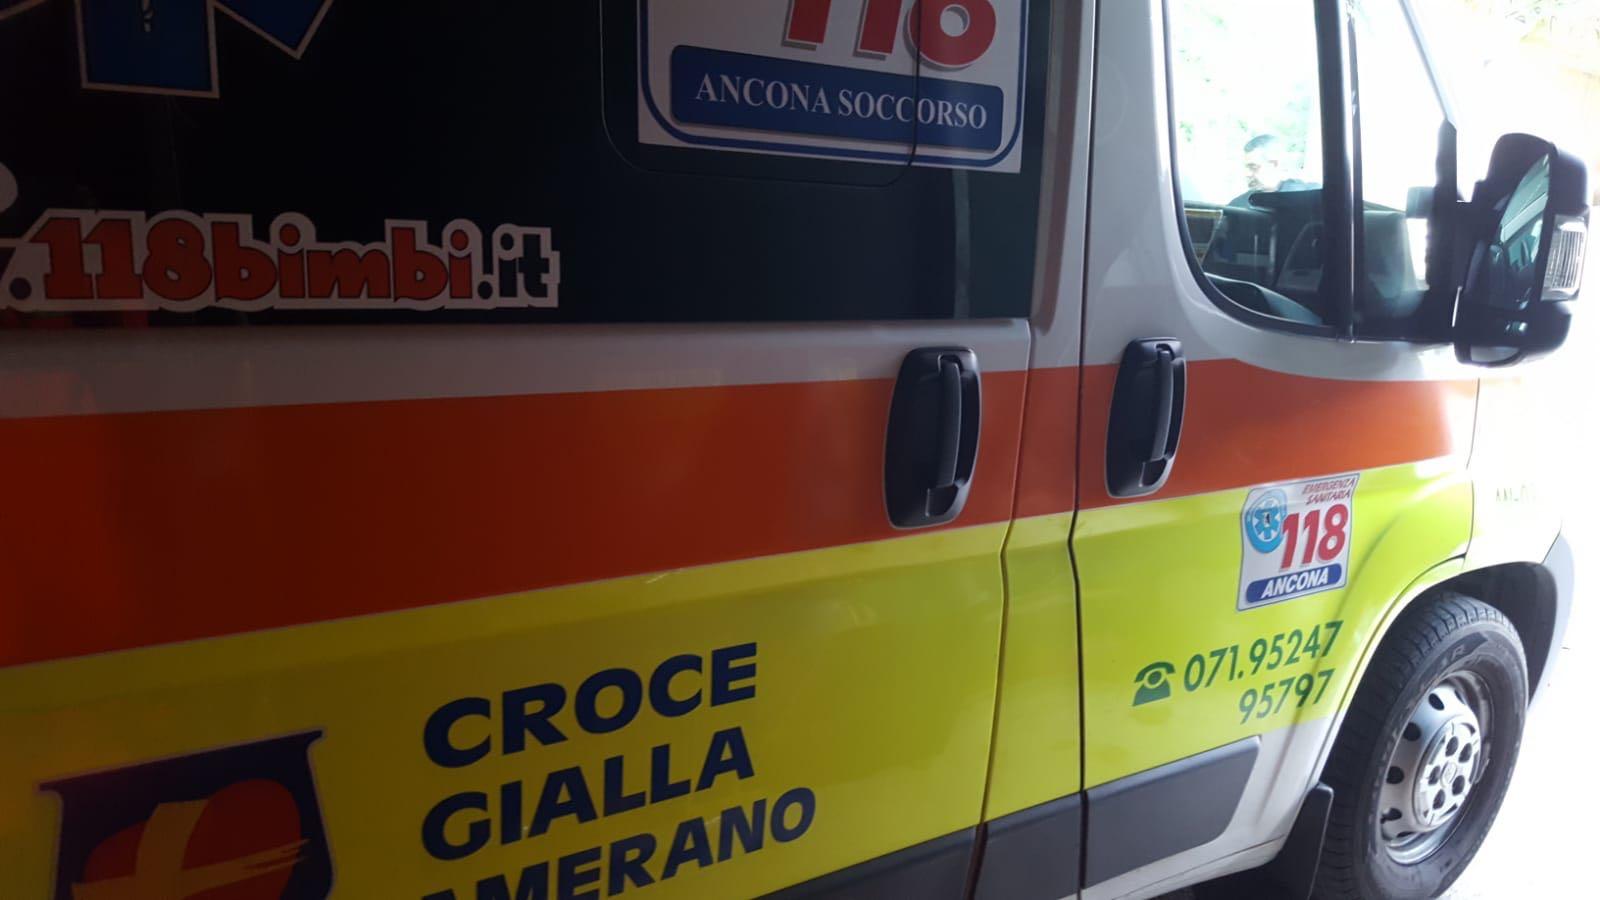 Ancona, scivola mentre monta delle grate: operaio precipita da 4 metri. È grave